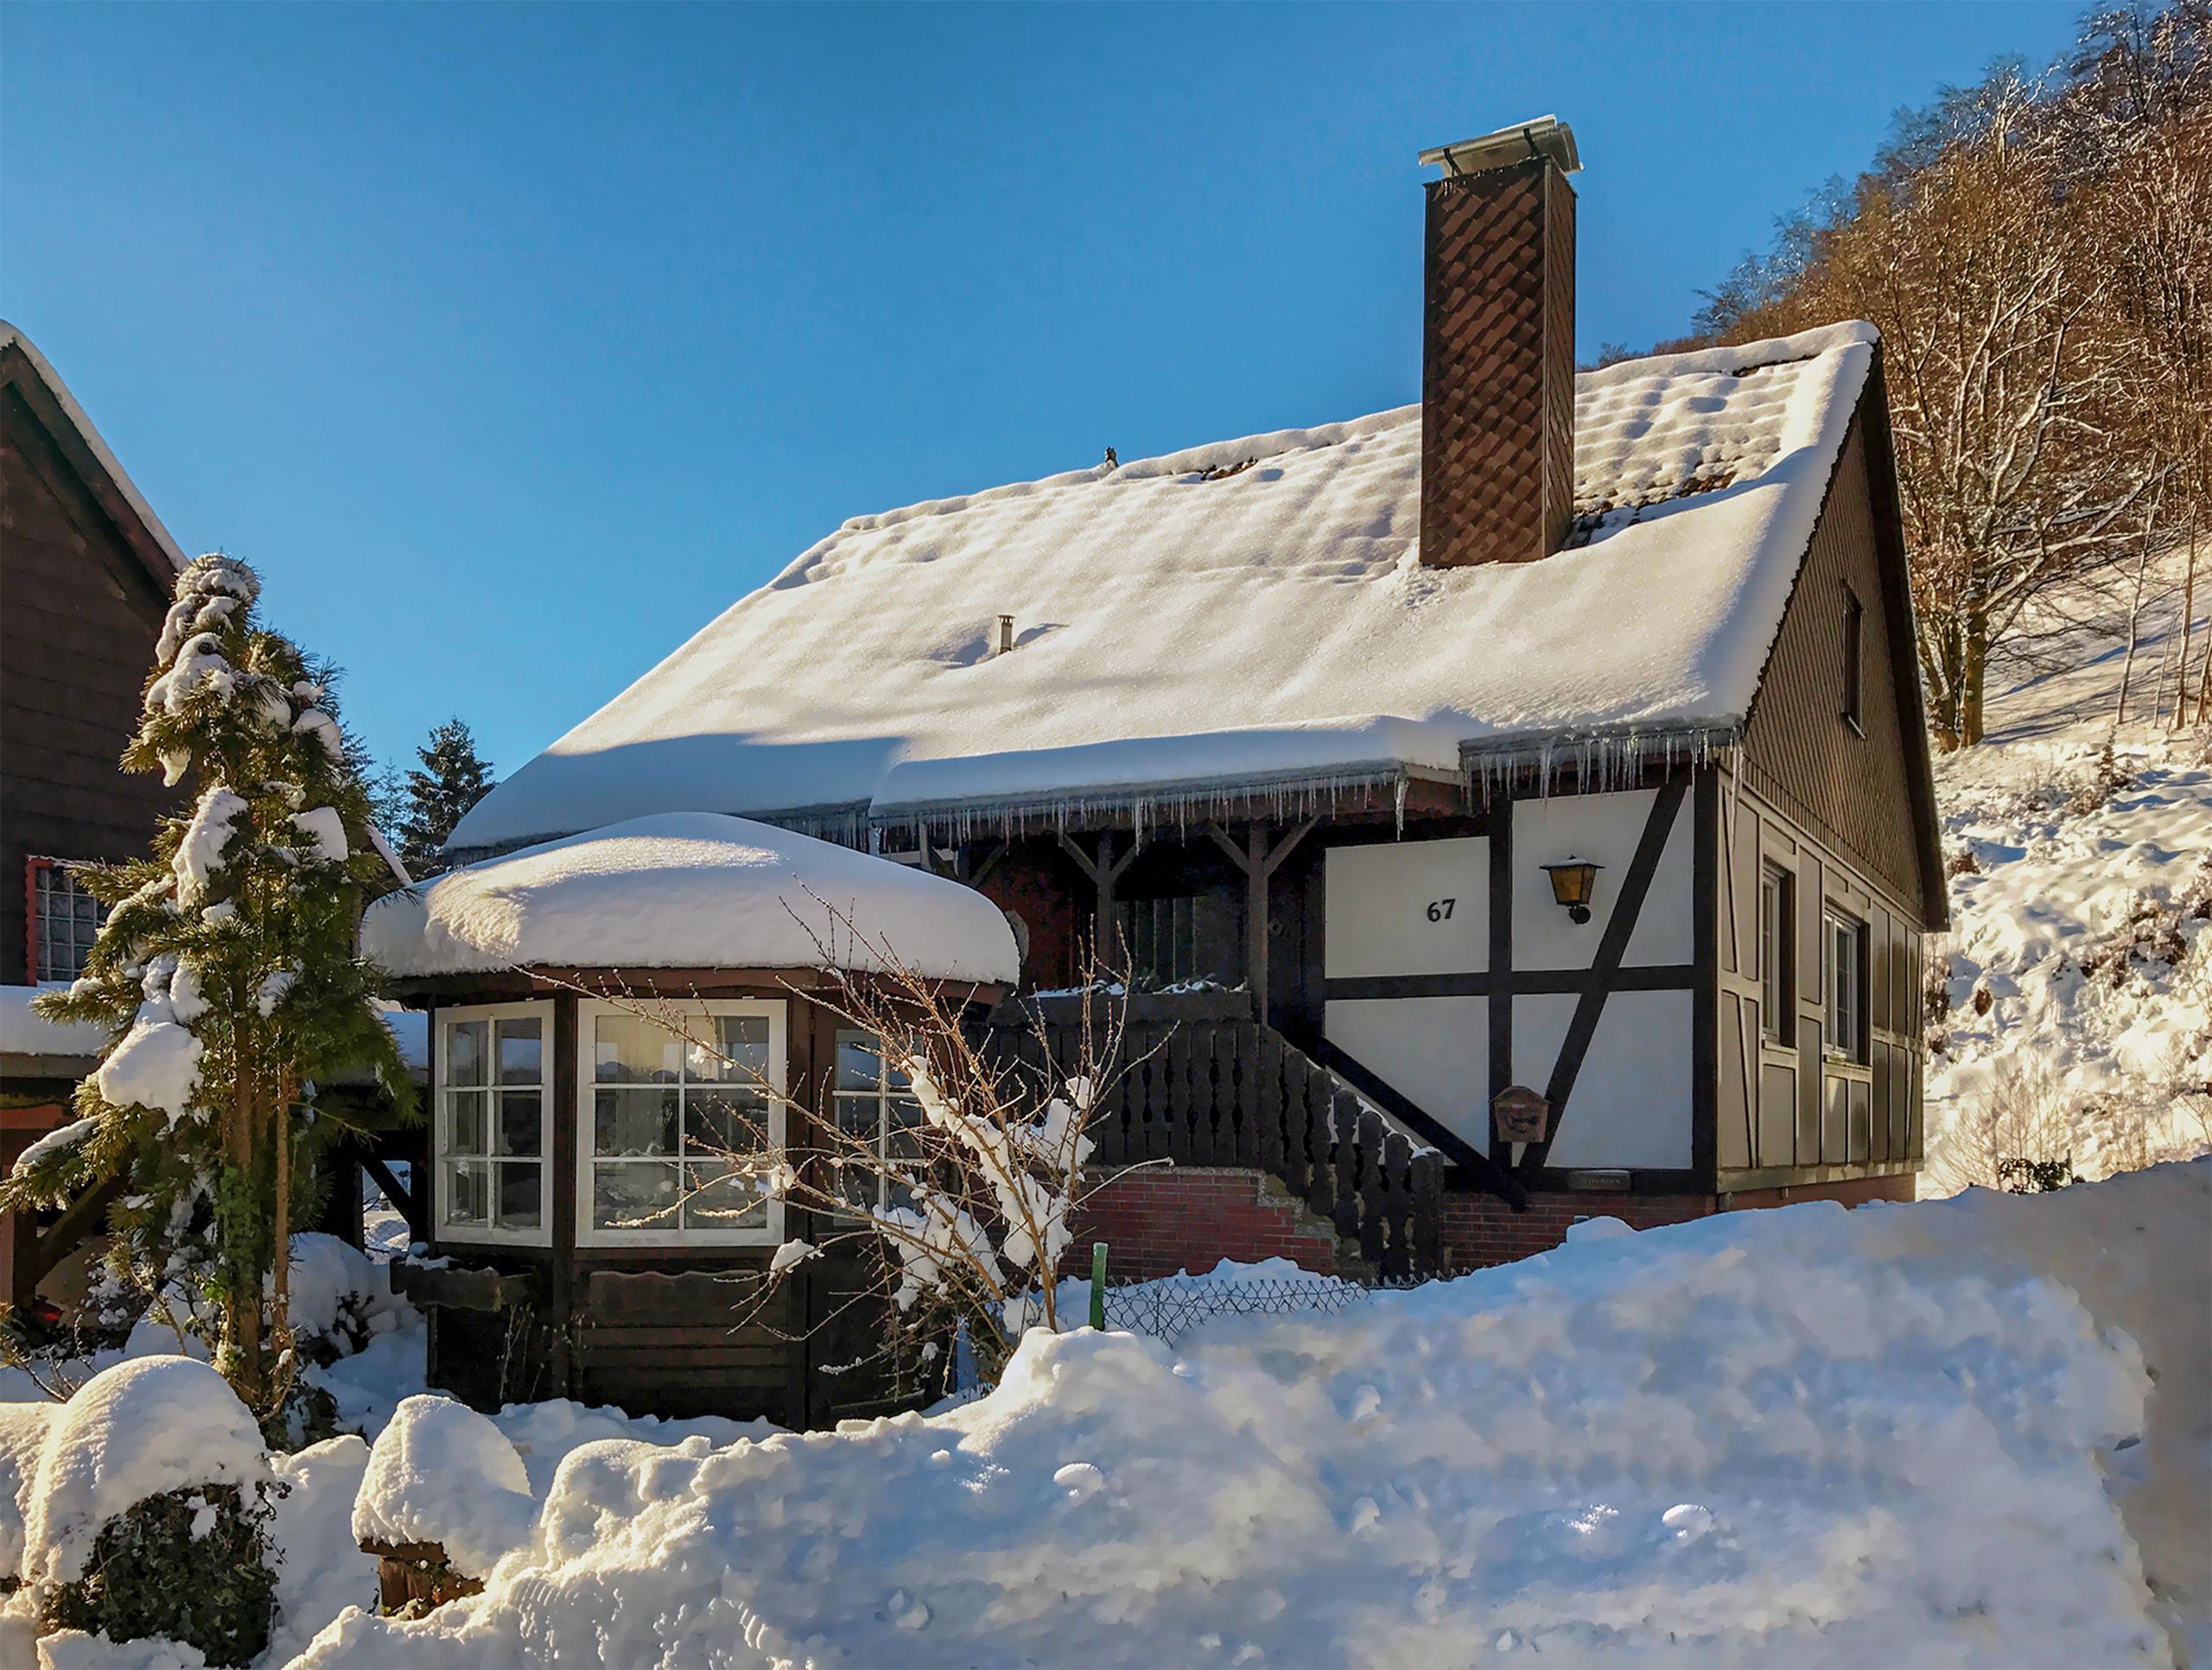 Ferienhaus Wildwechsel in Herzberg OT Lonau -Außenansicht Winter